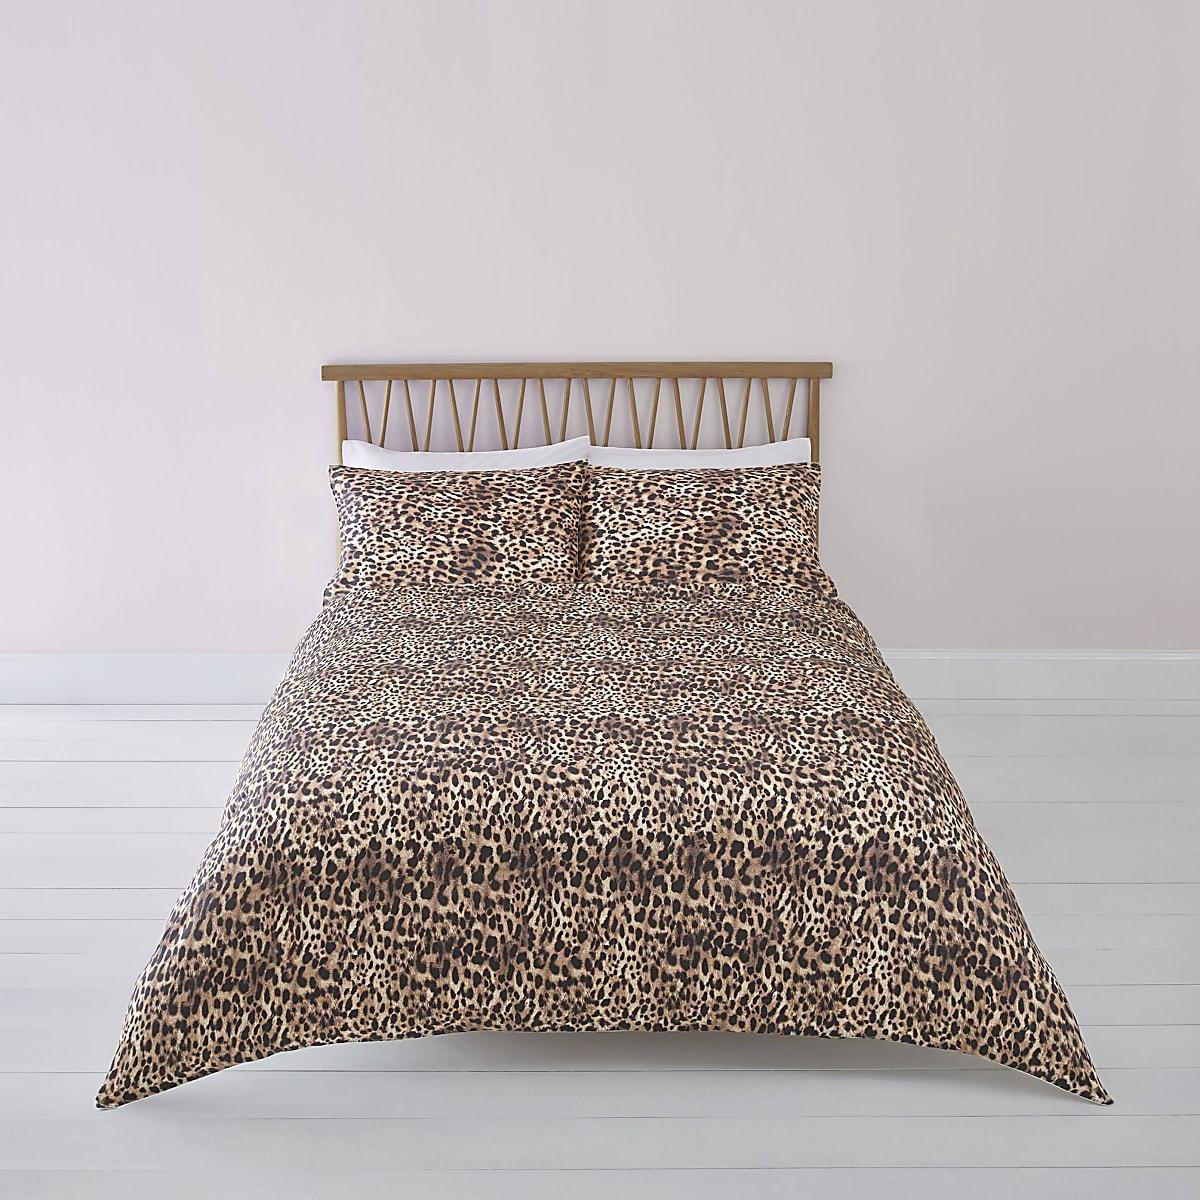 Bruine superkingsize dekbedset met luipaardprint